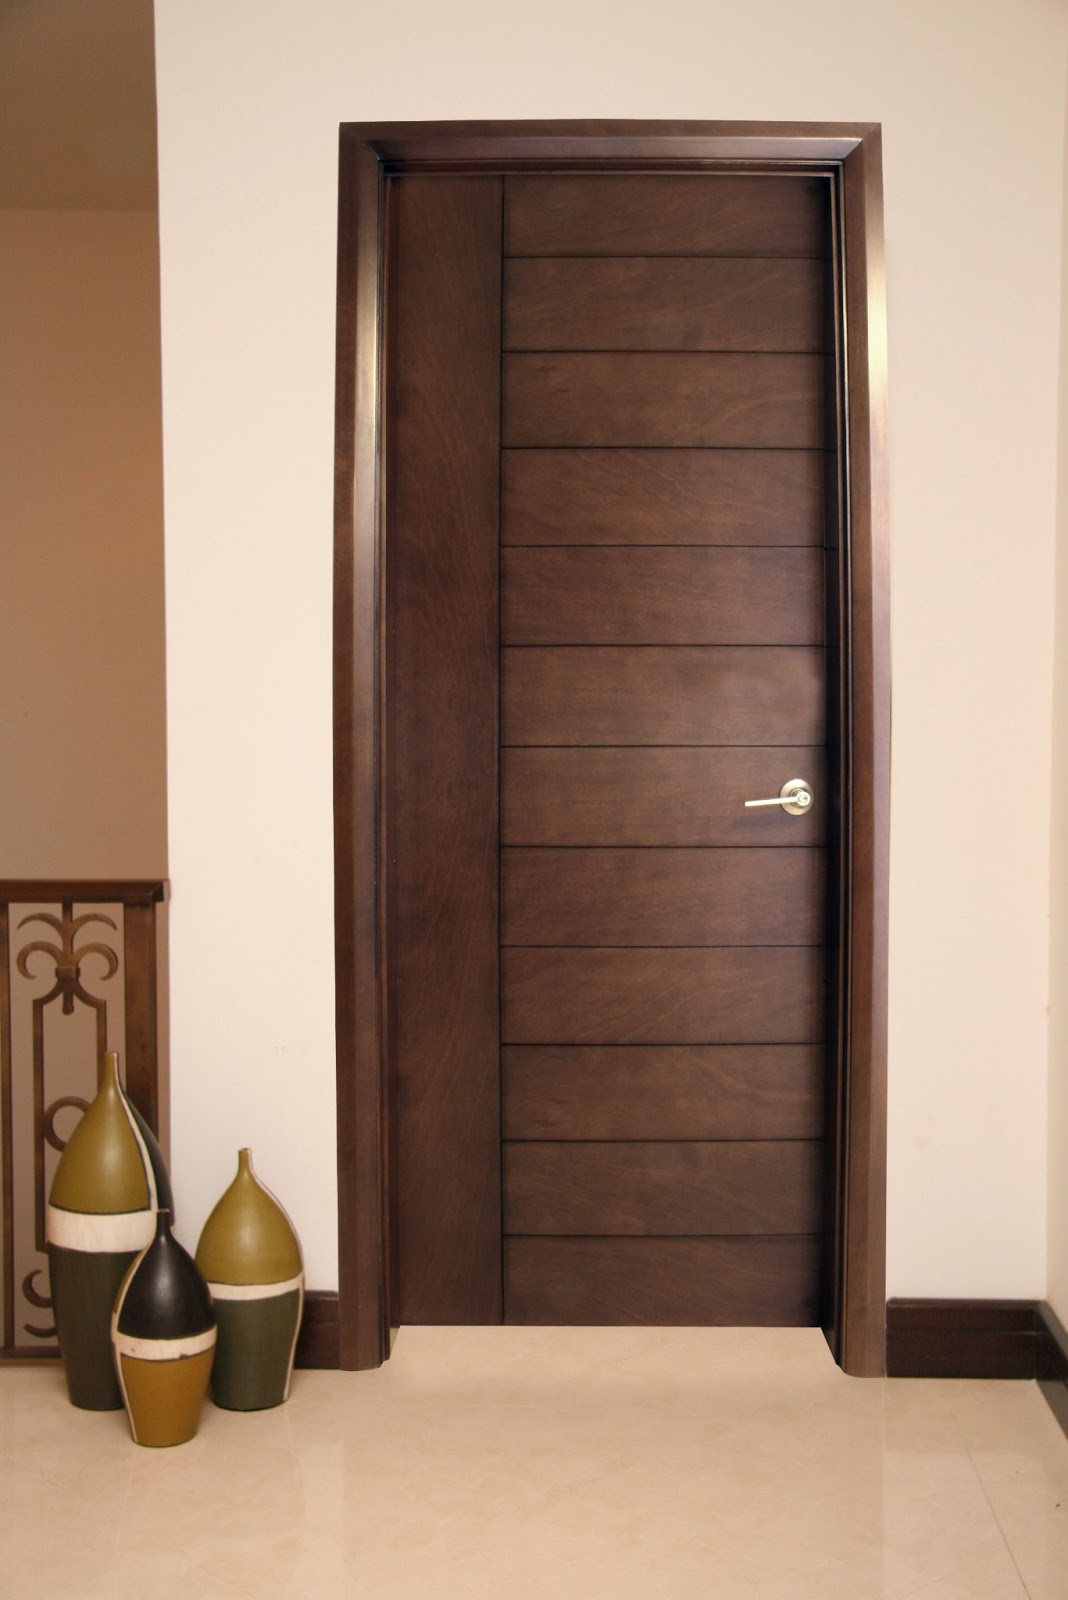 Domoya home puertas exteriores e interiores de encino for Puertas interiores antiguas madera